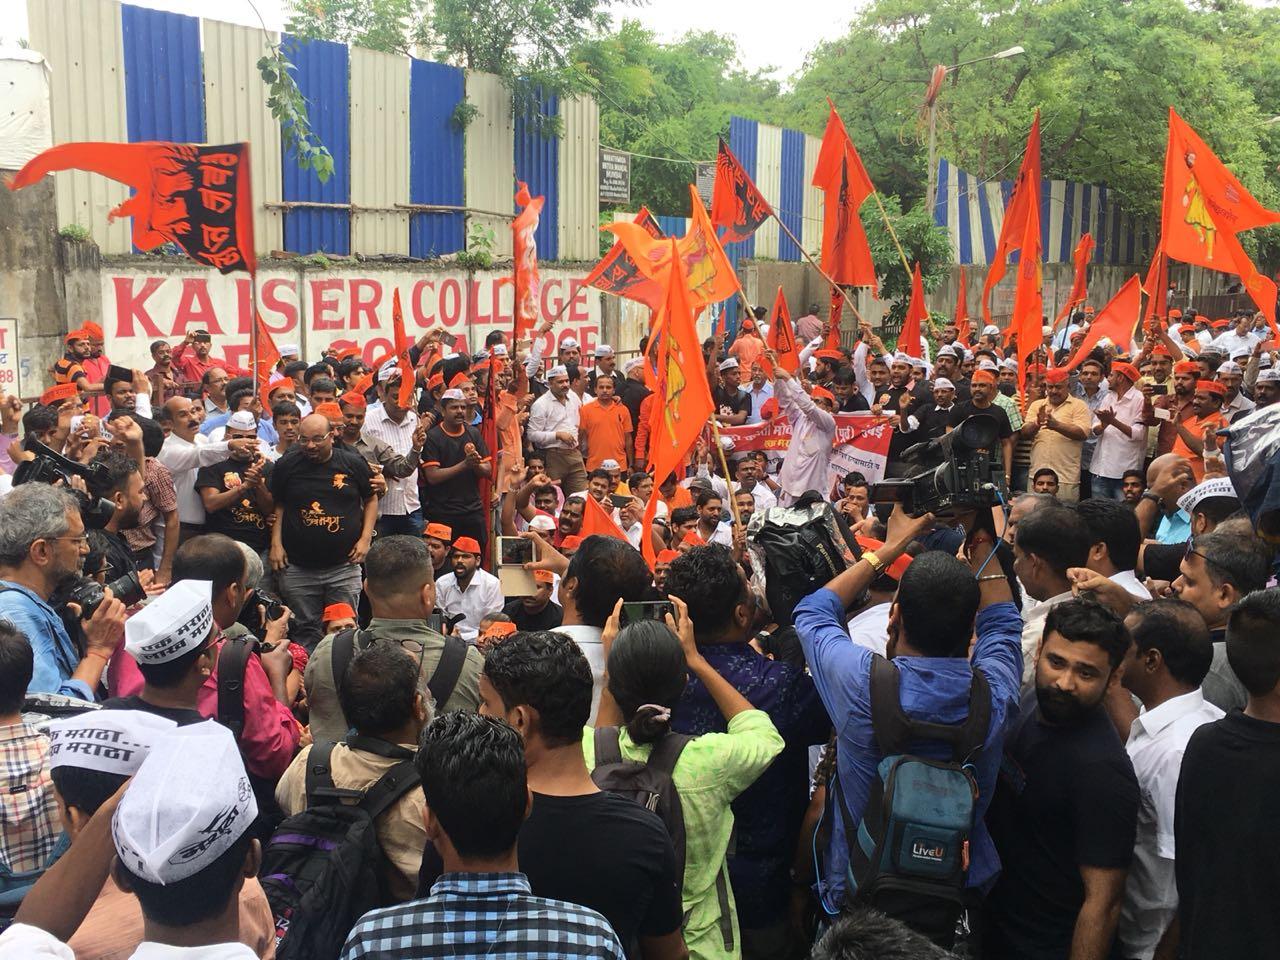 ঔরঙ্গাবাদে রাস্তা বন্ধ করে দিয়েছে বিক্ষোভকারীরা৷ (Image: News18)